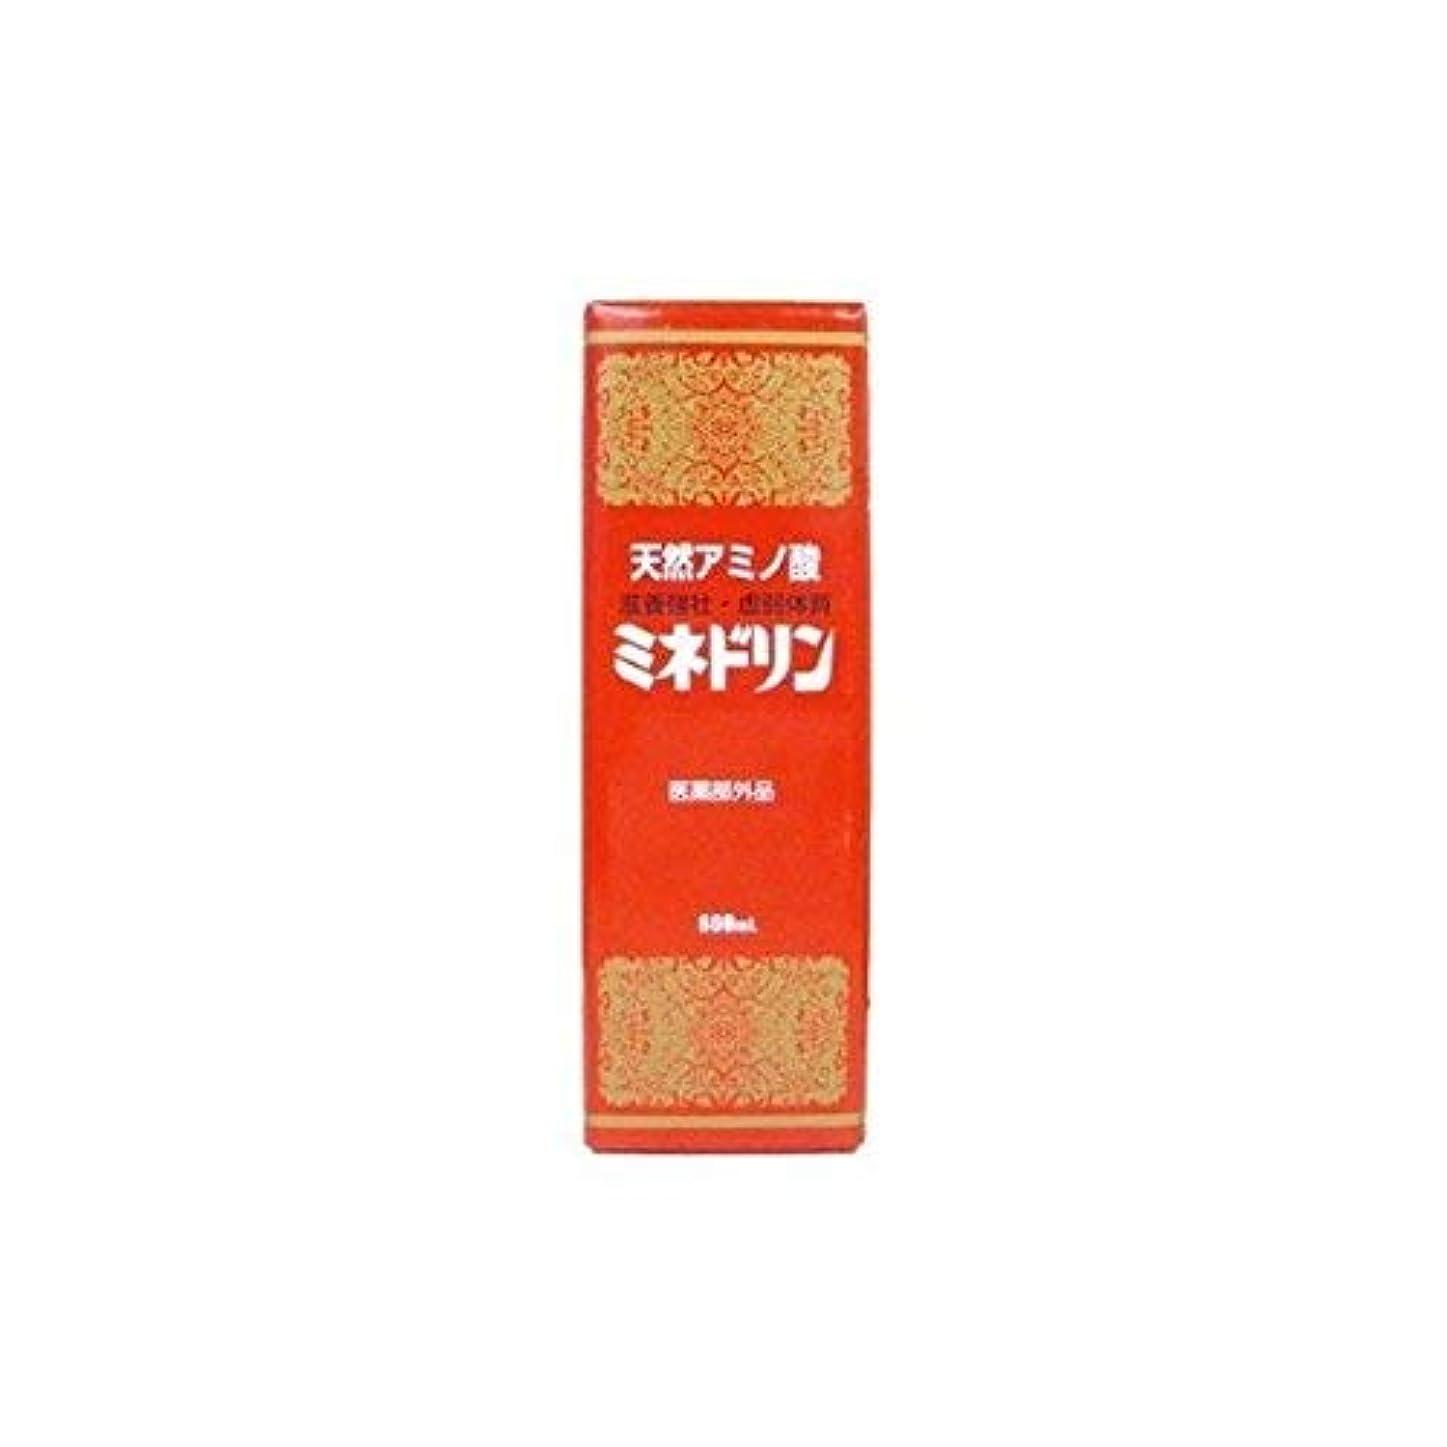 オーストラリア早熟等価伊丹製薬 ミネドリン 600ml ×12本